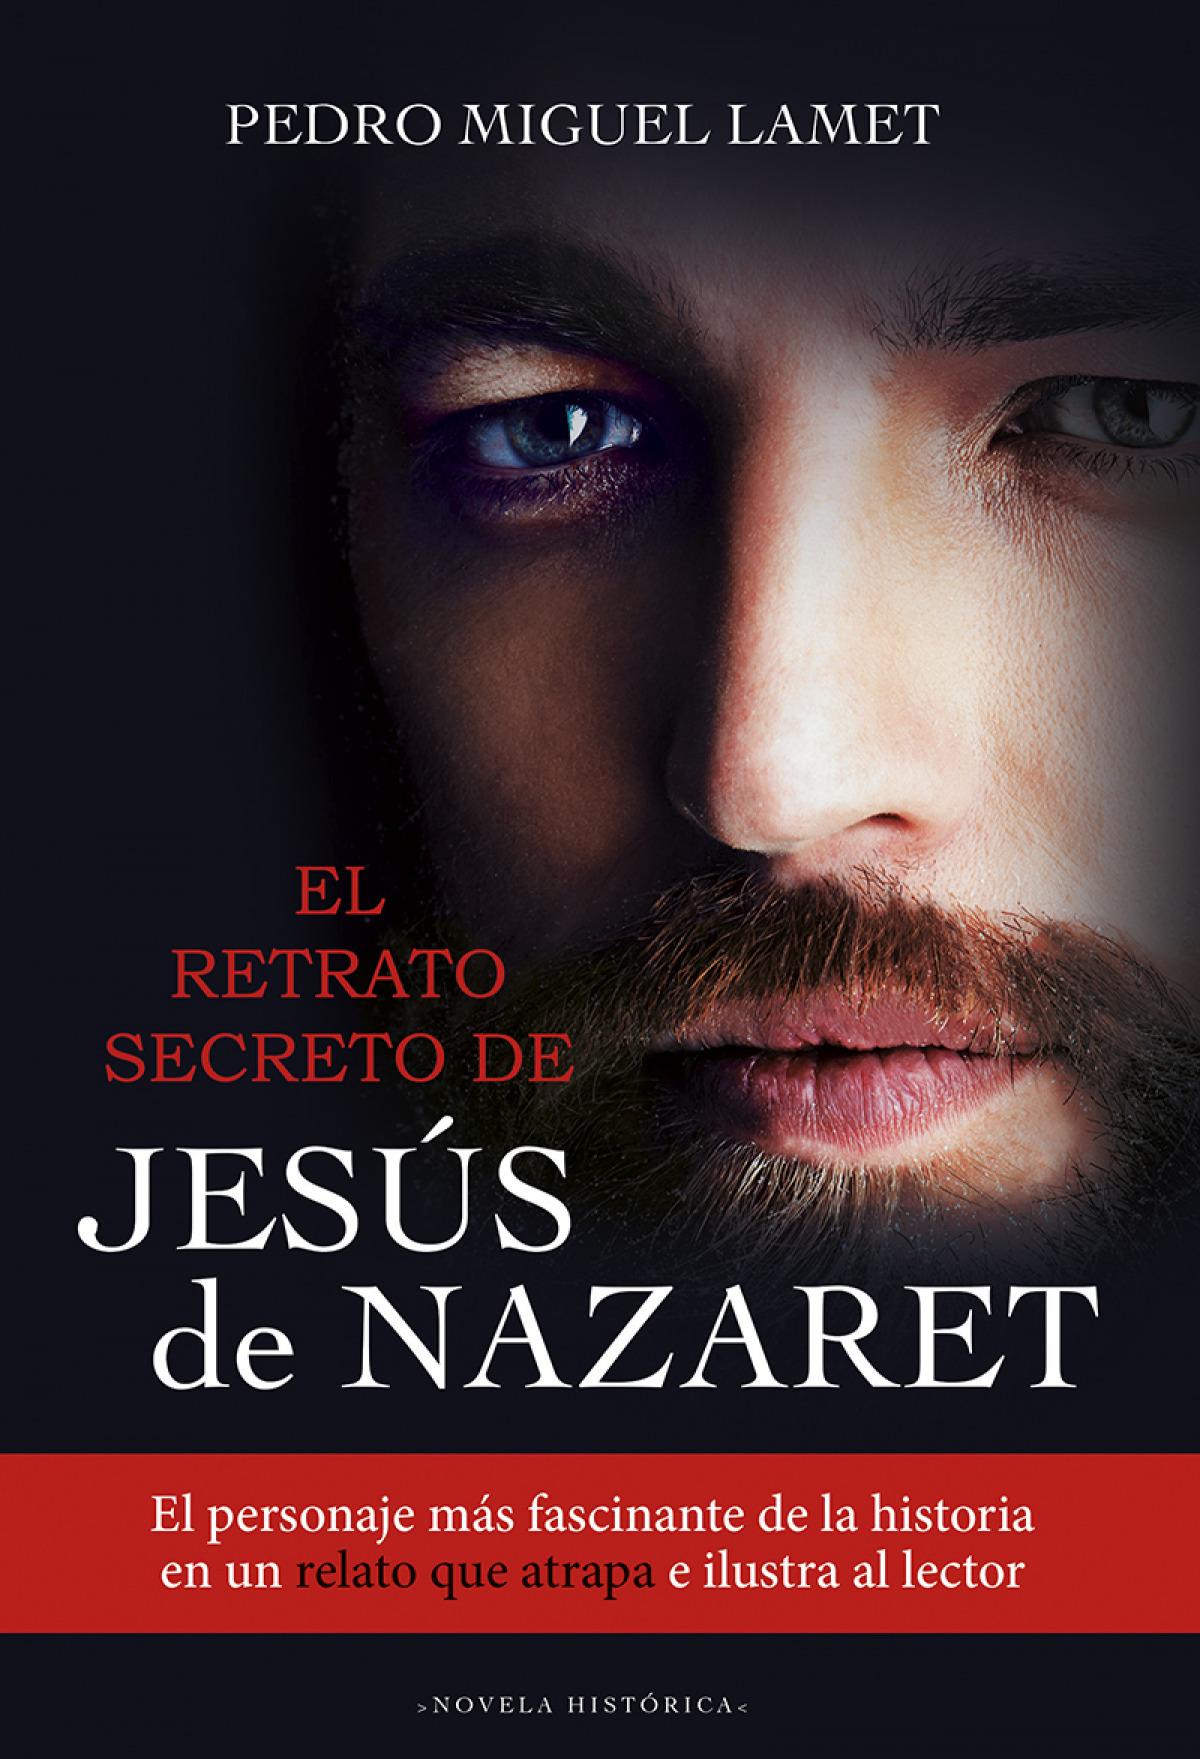 El retrato secreto de Jesús de Nazaret